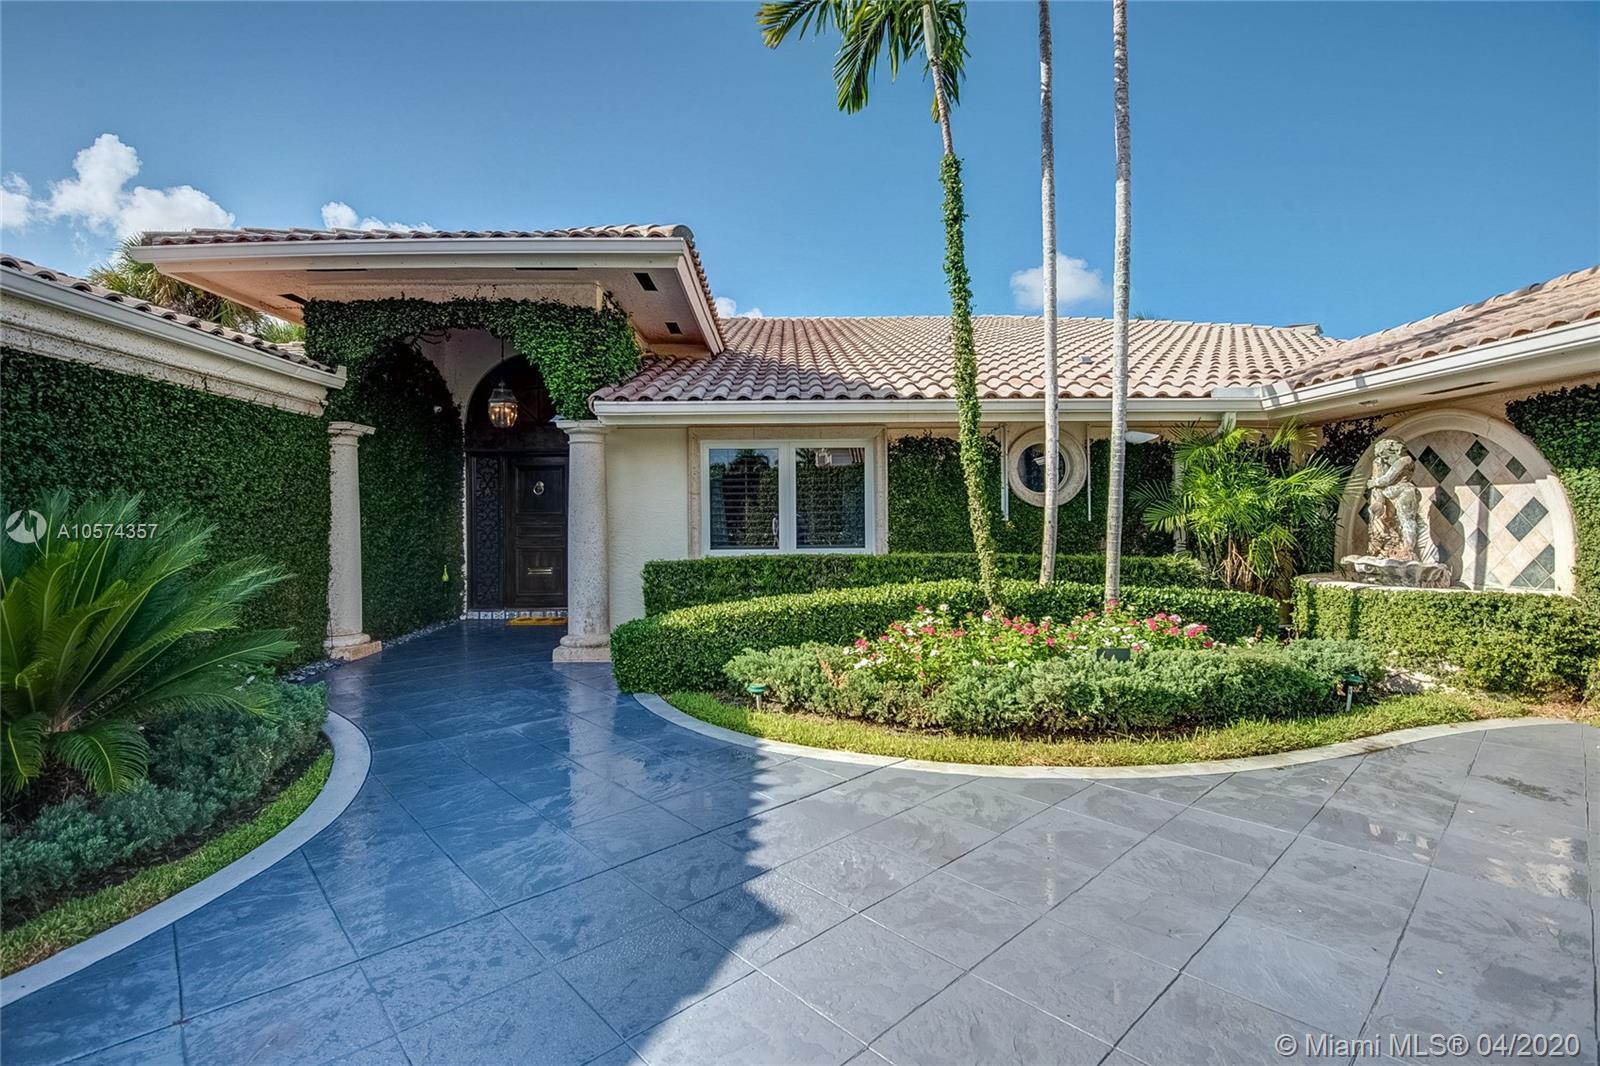 117 Thatch Palm Cv Property Photo - Boca Raton, FL real estate listing